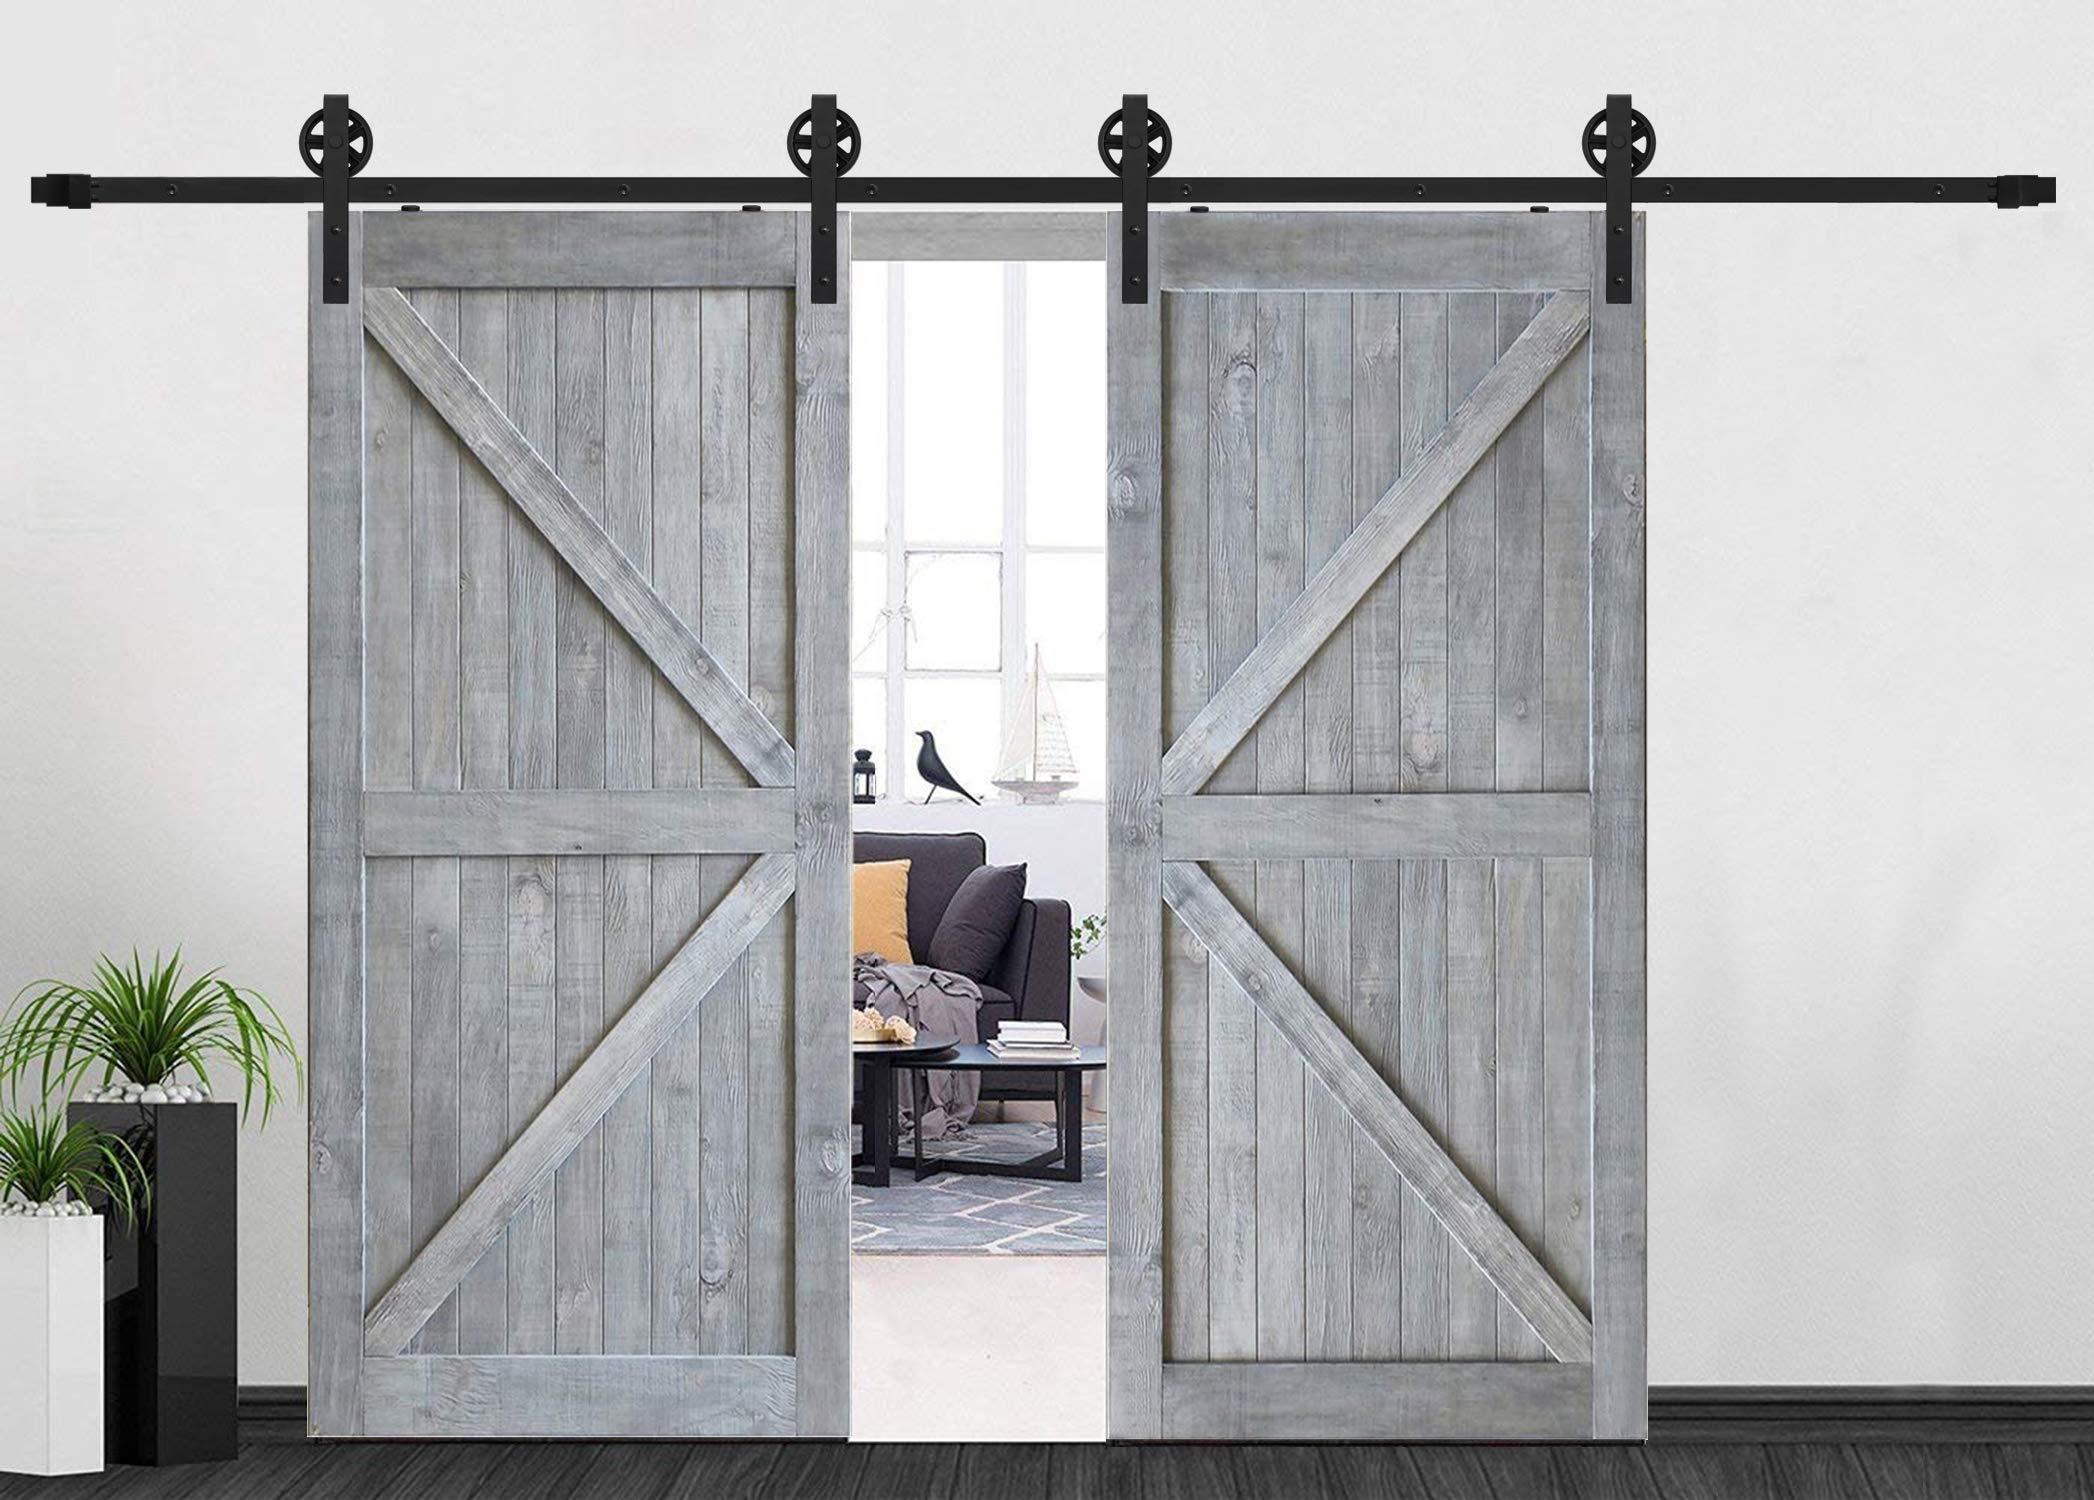 Millones de rodillos de puerta de granero doble sistema de suspensión Big negro diseño de la rueda puerta corrediza de granero pista Kit de Hardware, negro: Amazon.es: Bricolaje y herramientas